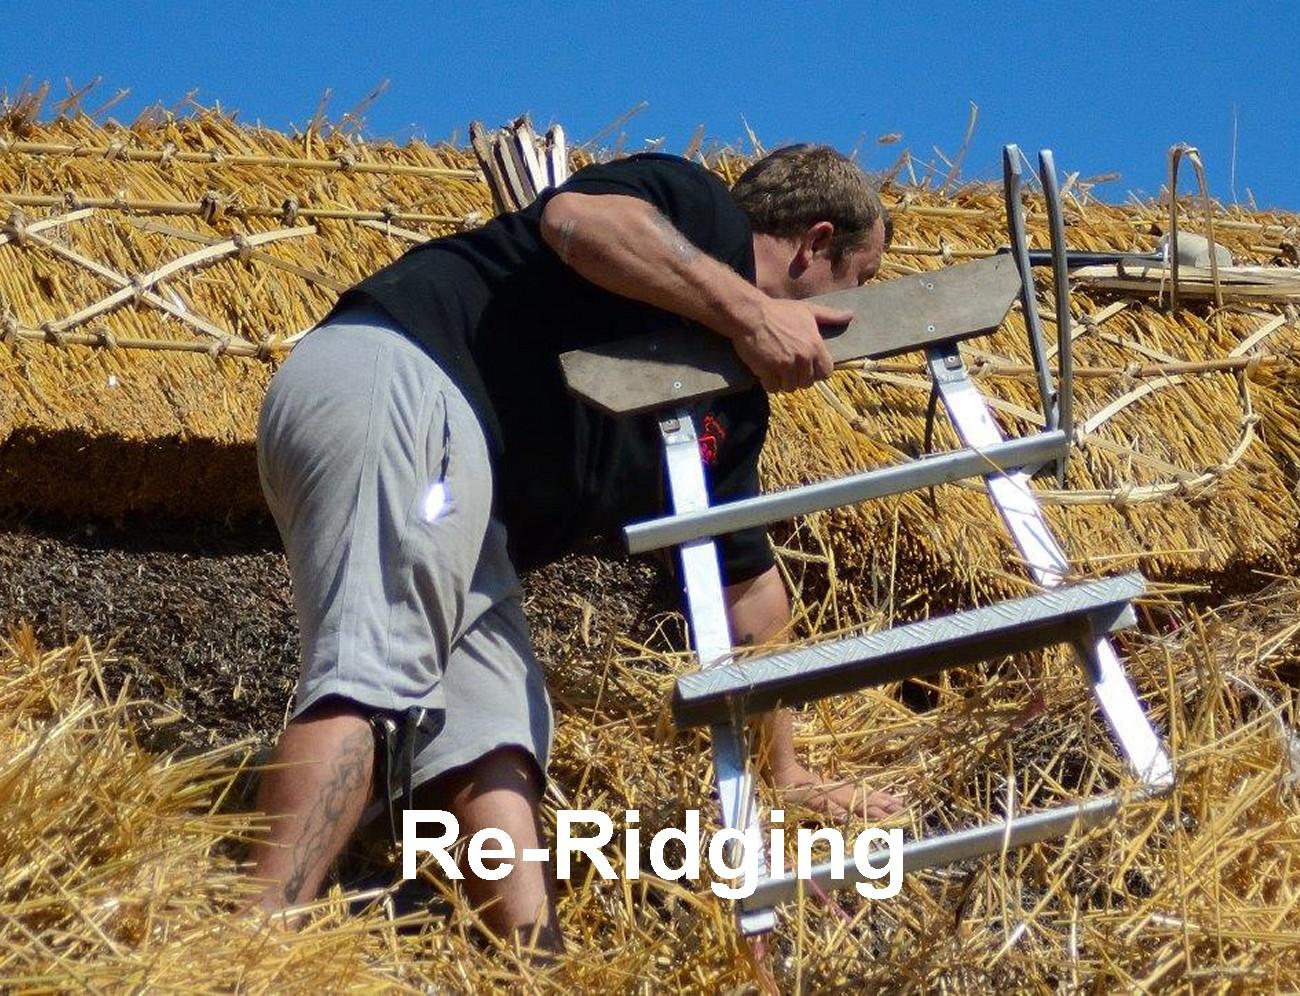 Re-Ridging